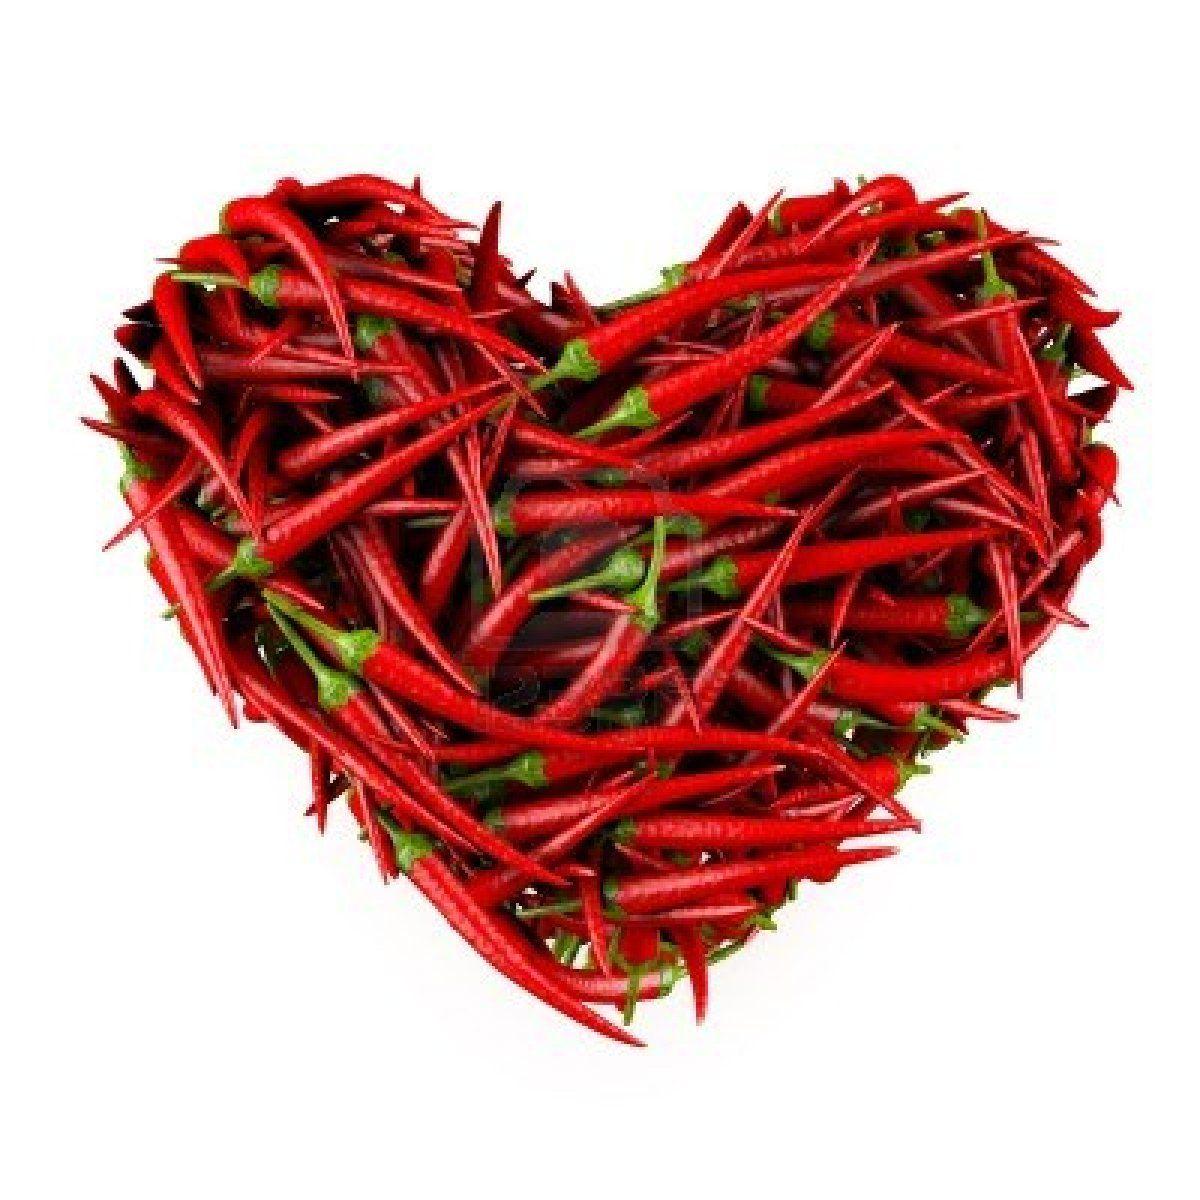 chili használata a fogyáshoz